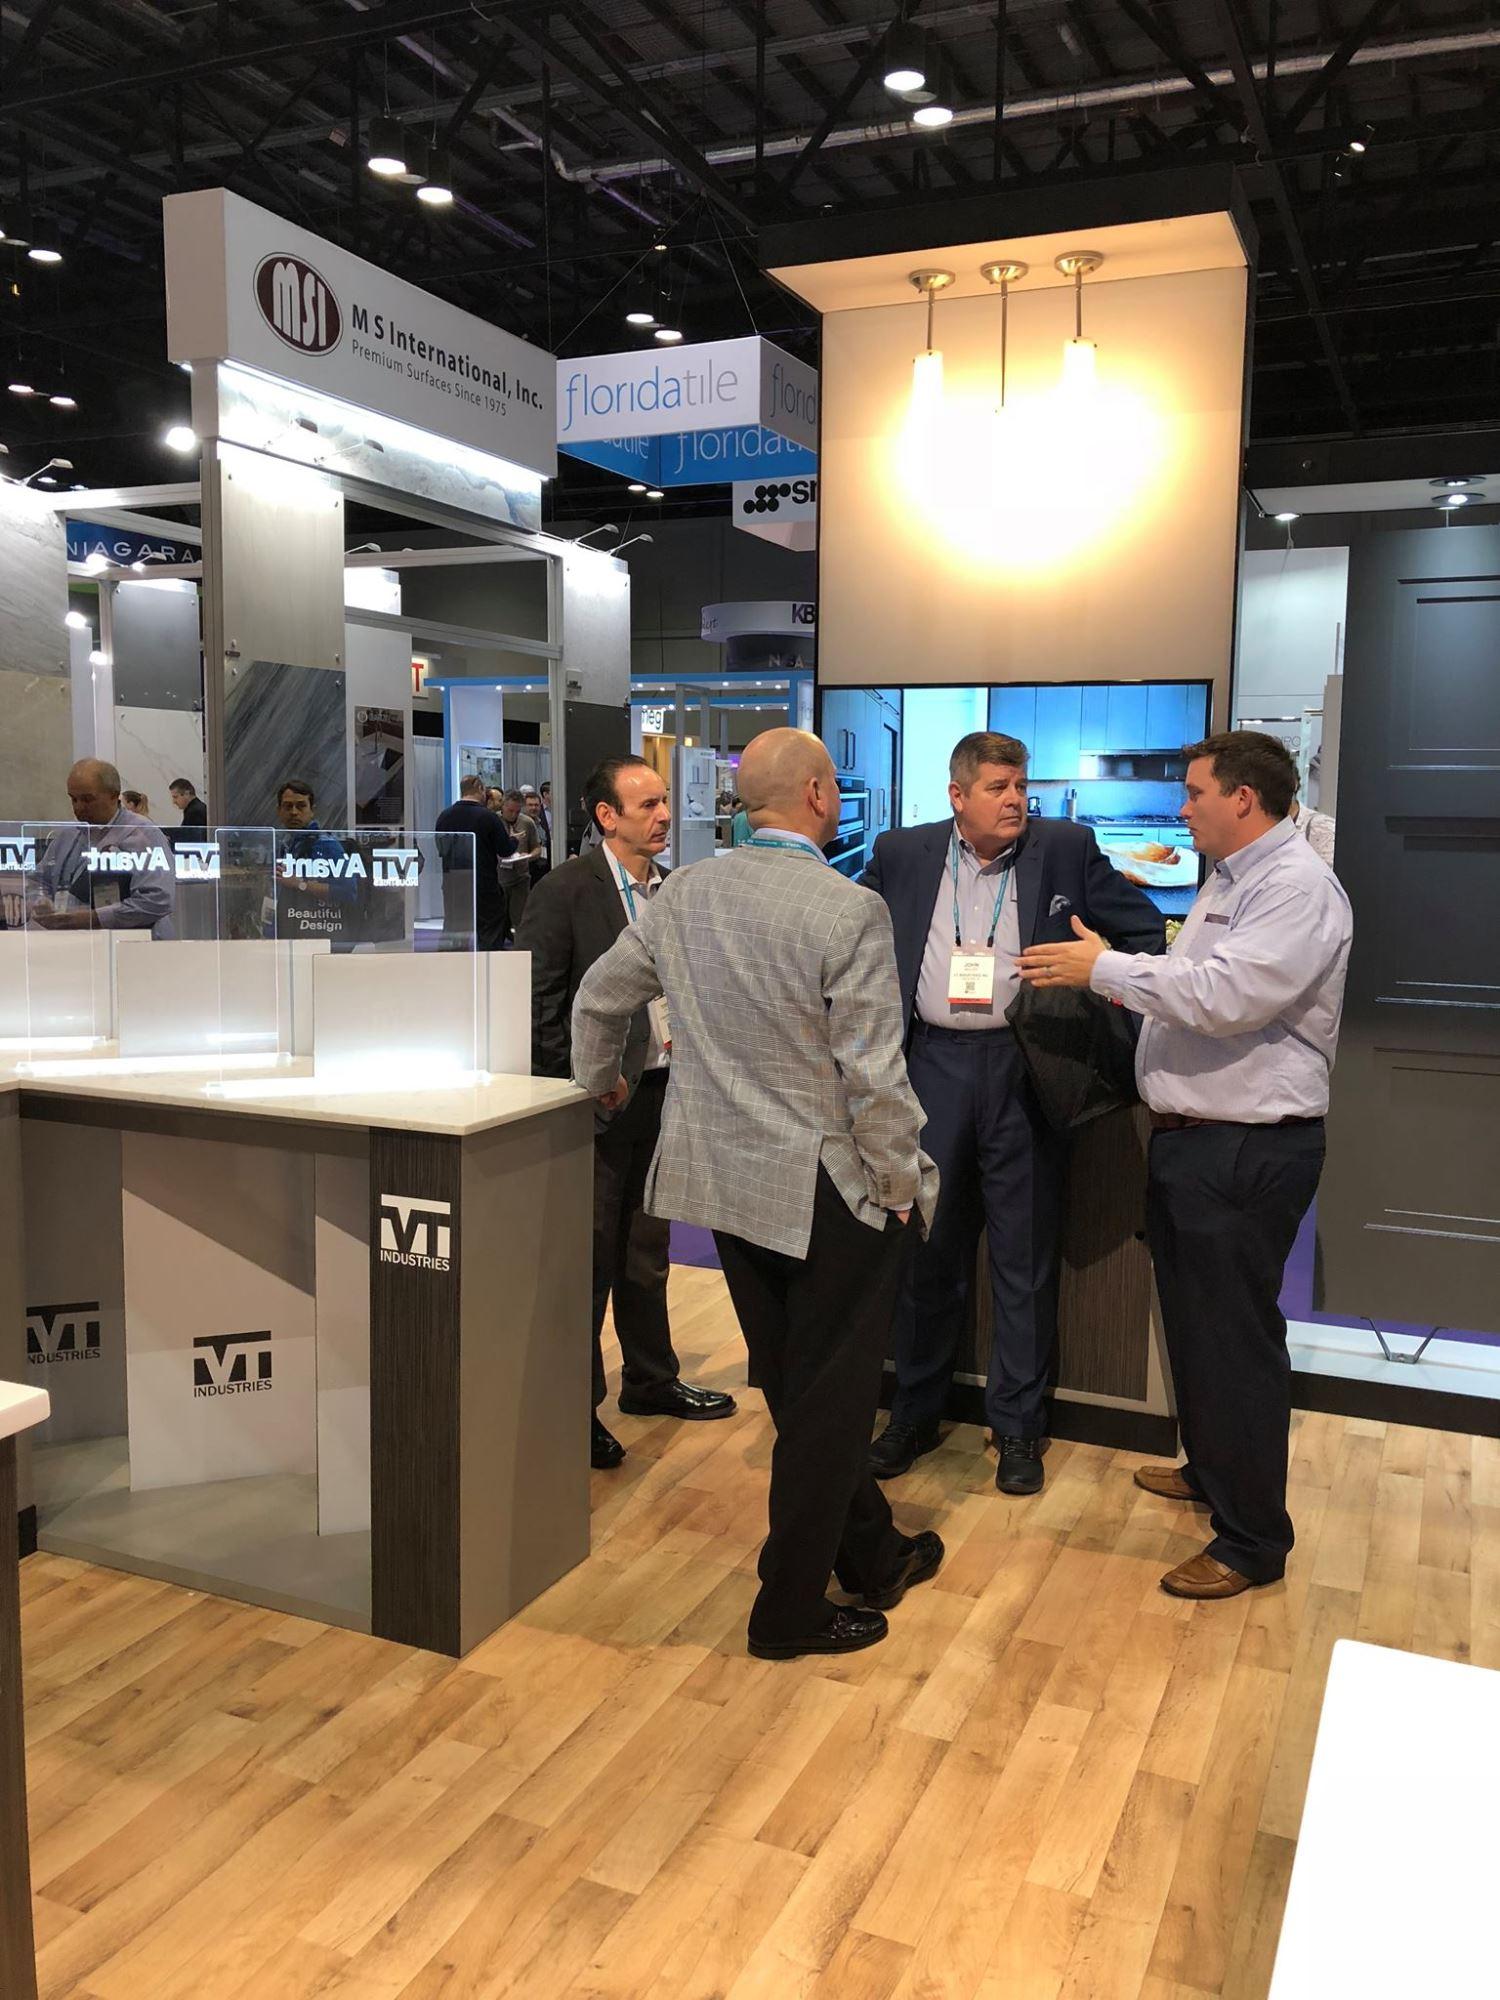 VT Exhibits at KBIS 2018 - VT Industries Inc.